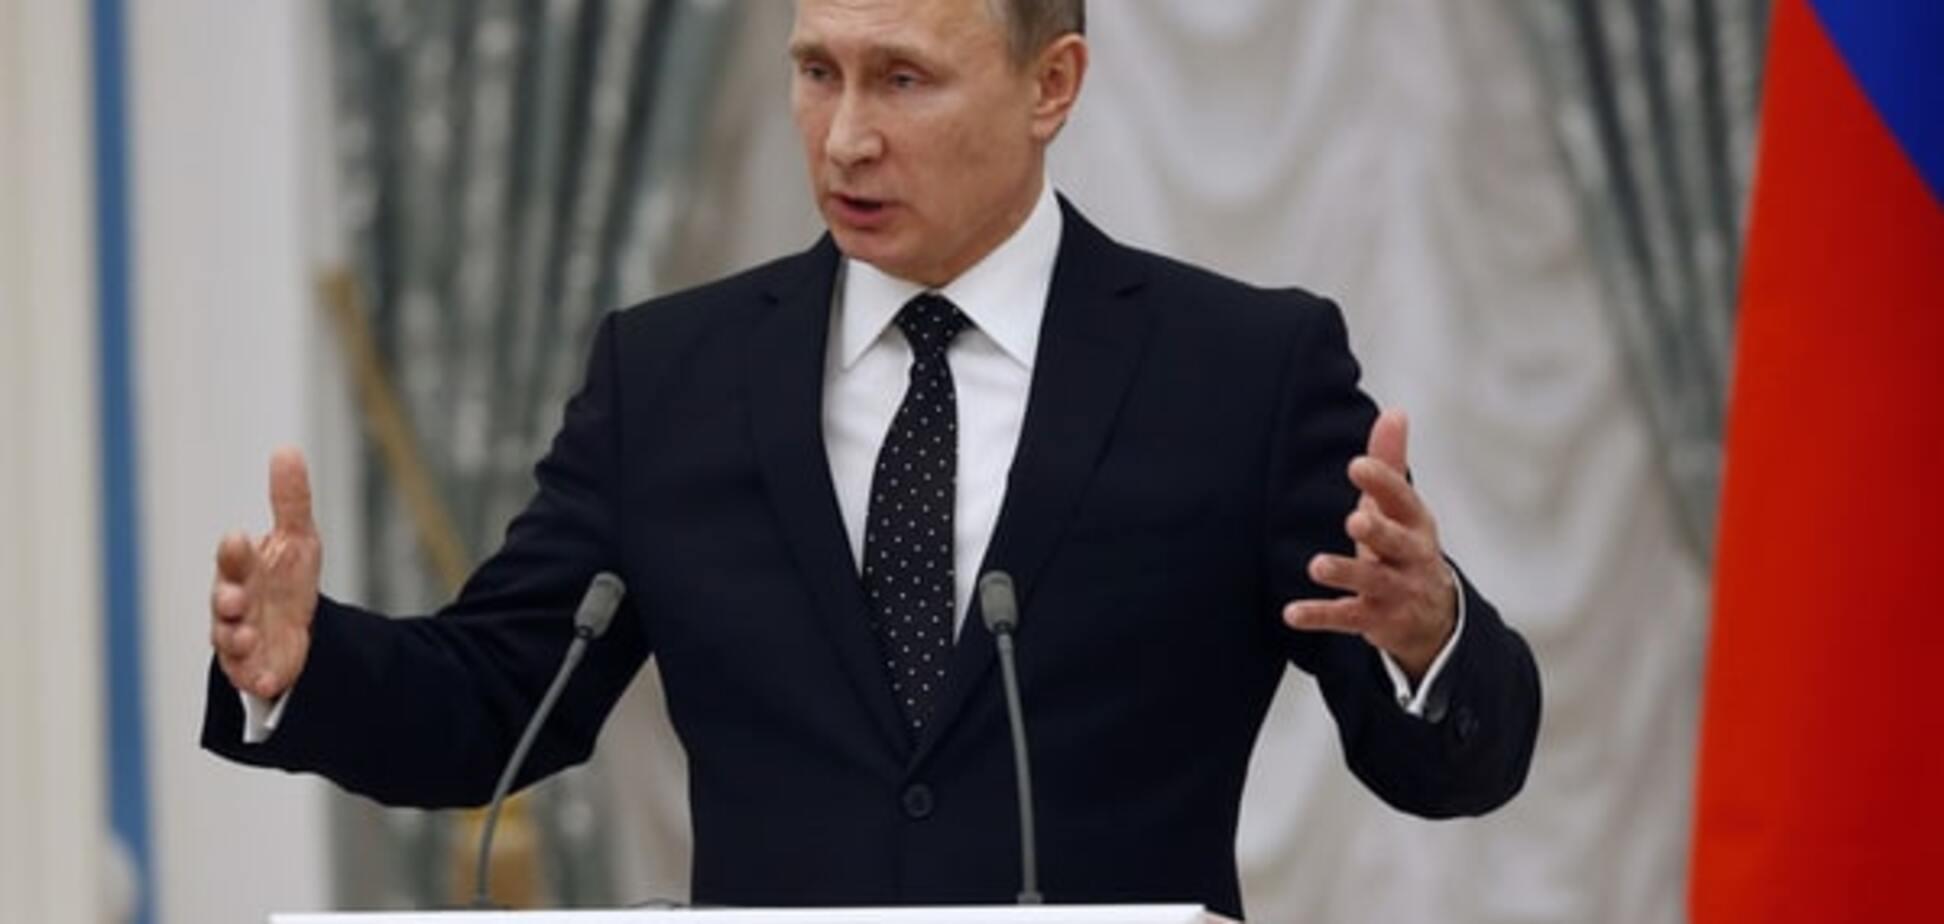 Мазохізм по-російськи: Фельштинський розповів, чого насправді домагається Путін